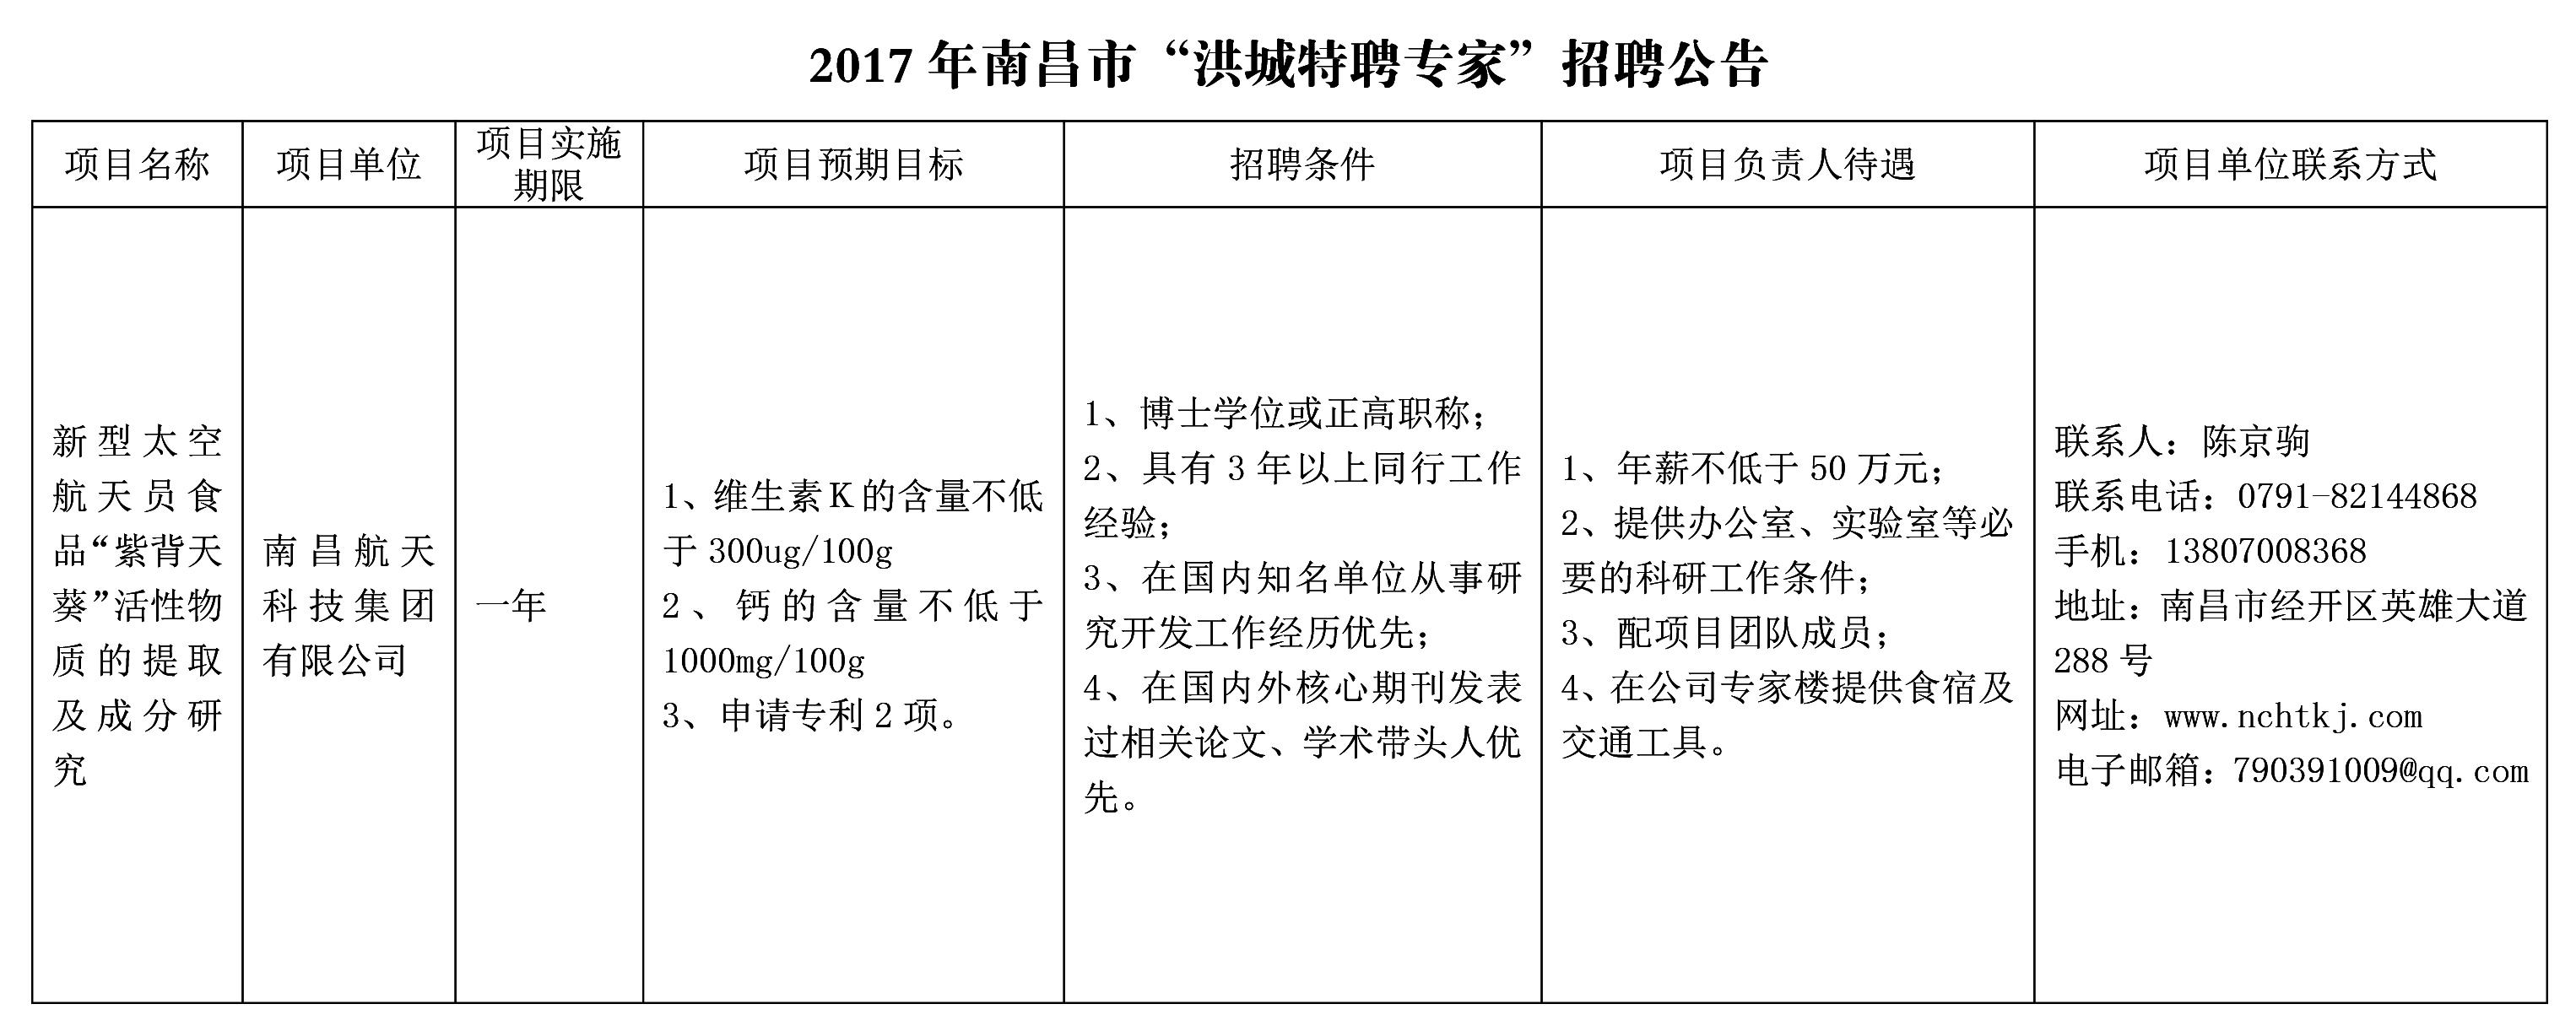 """2017年南昌市""""洪城特聘专家""""招聘公告.jpg"""